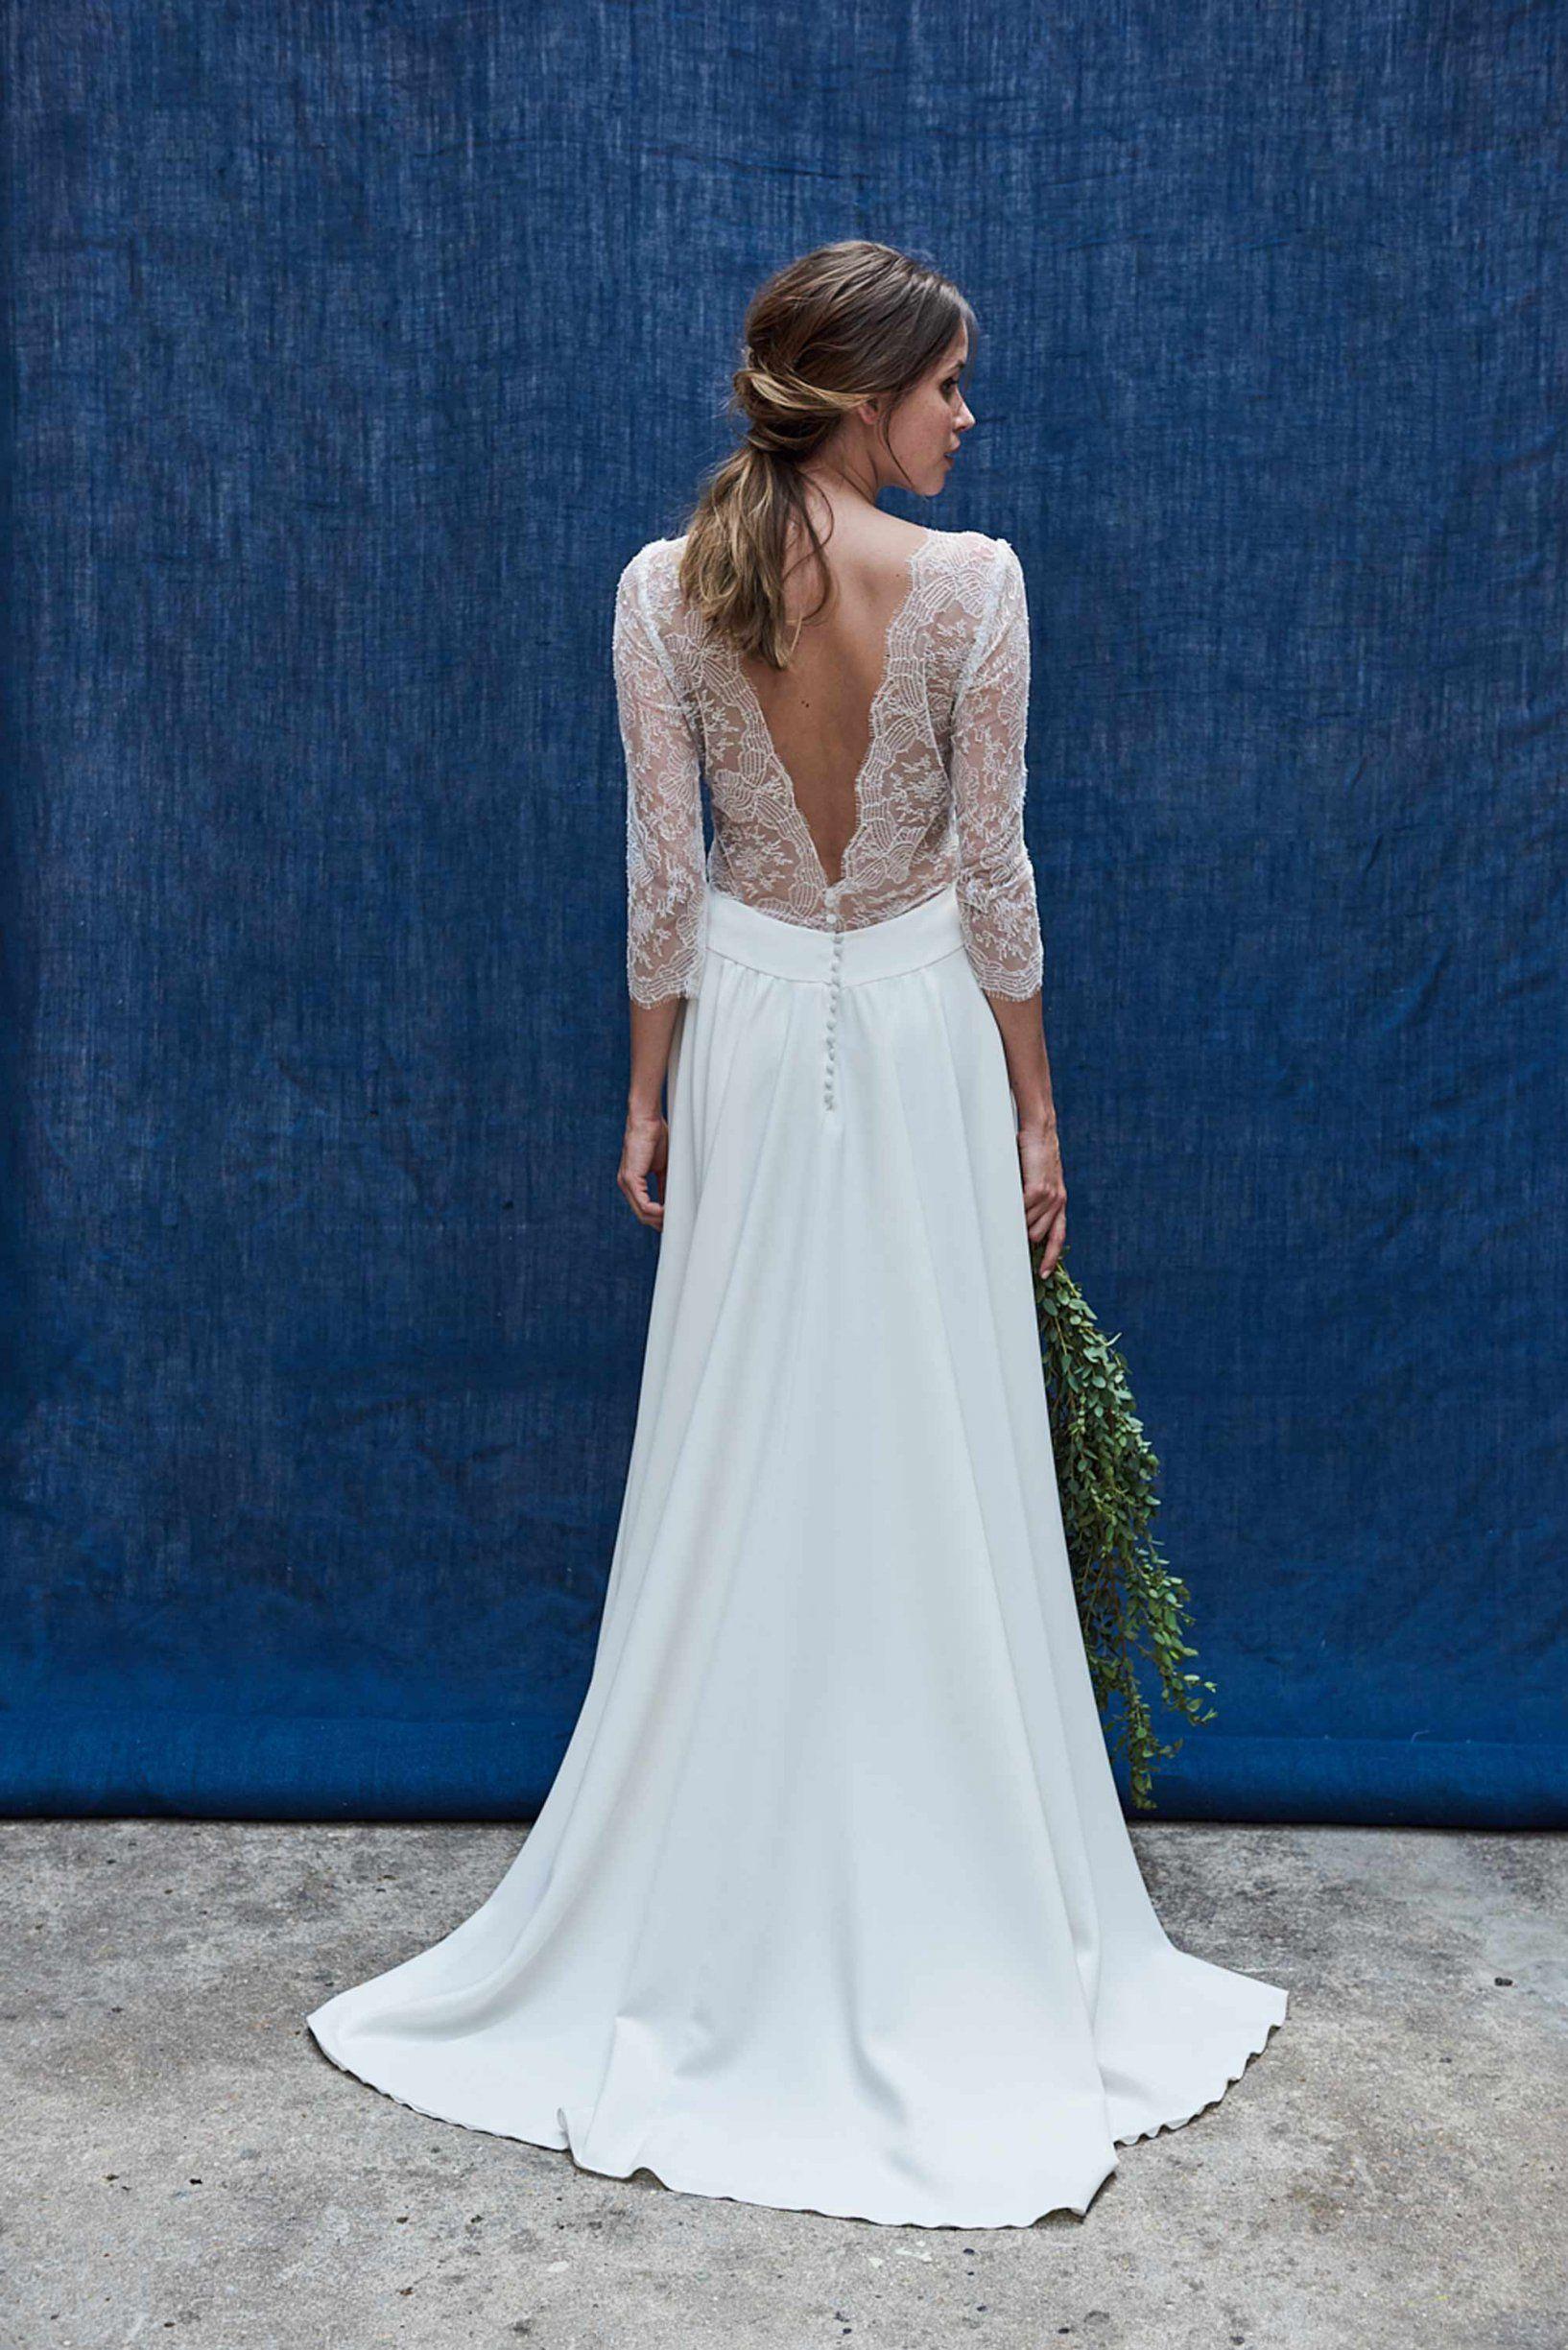 Robe de mariée 2018 : une robe fluide au